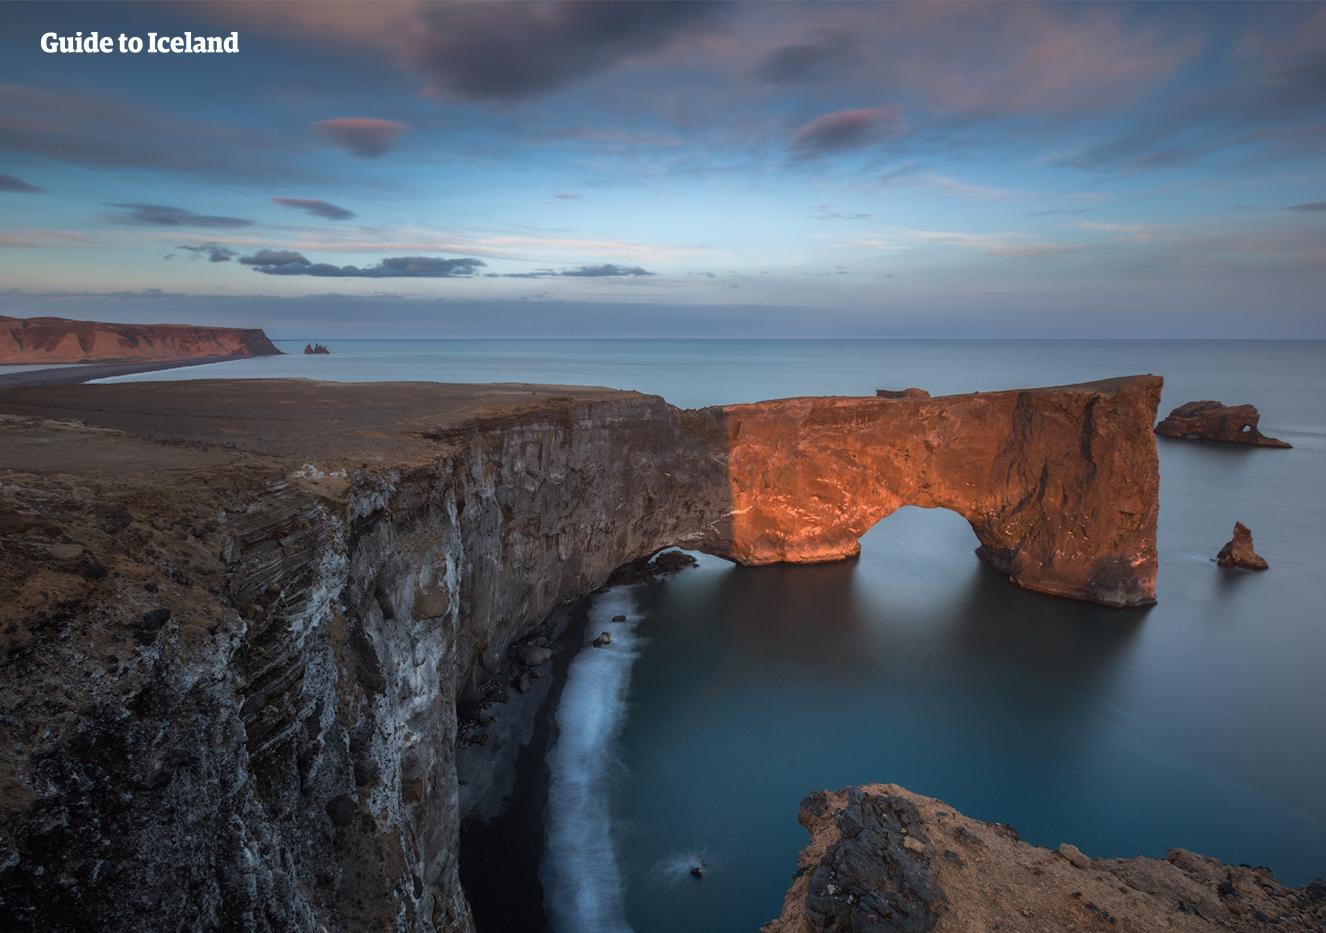 迪霍拉里(Dyrhólaey)是冰岛最南端的海岬